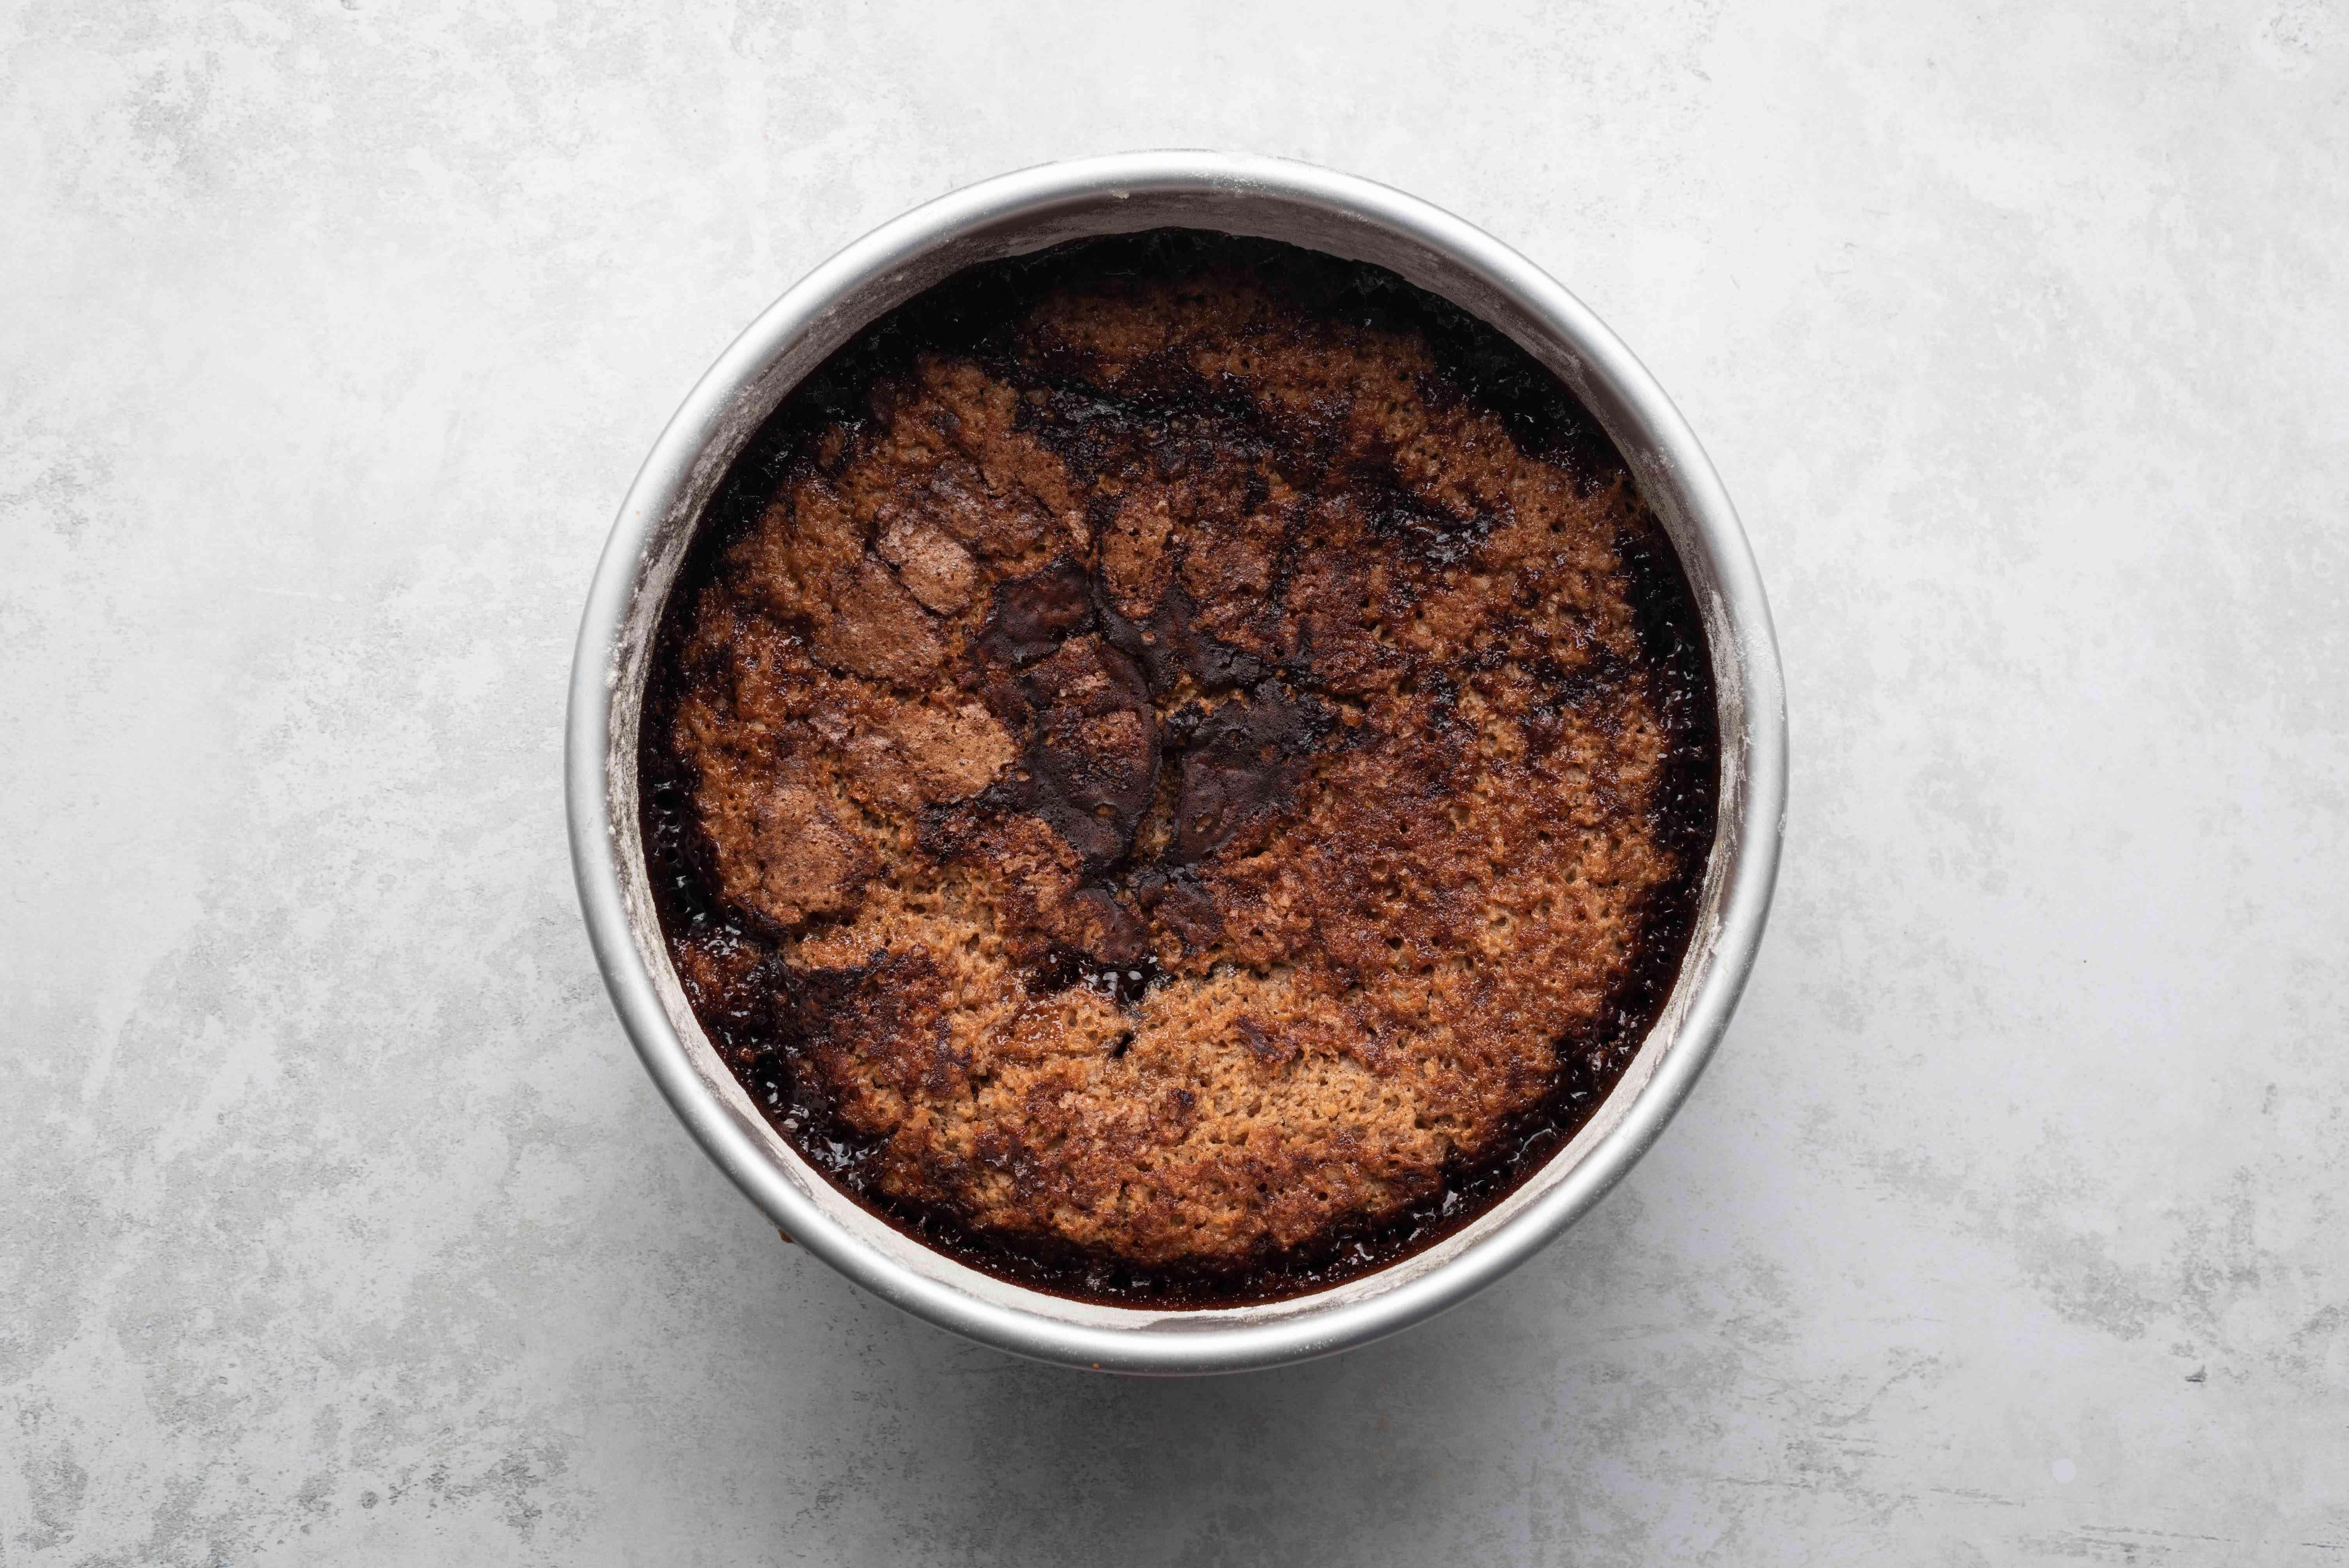 bake cake in the cake pan